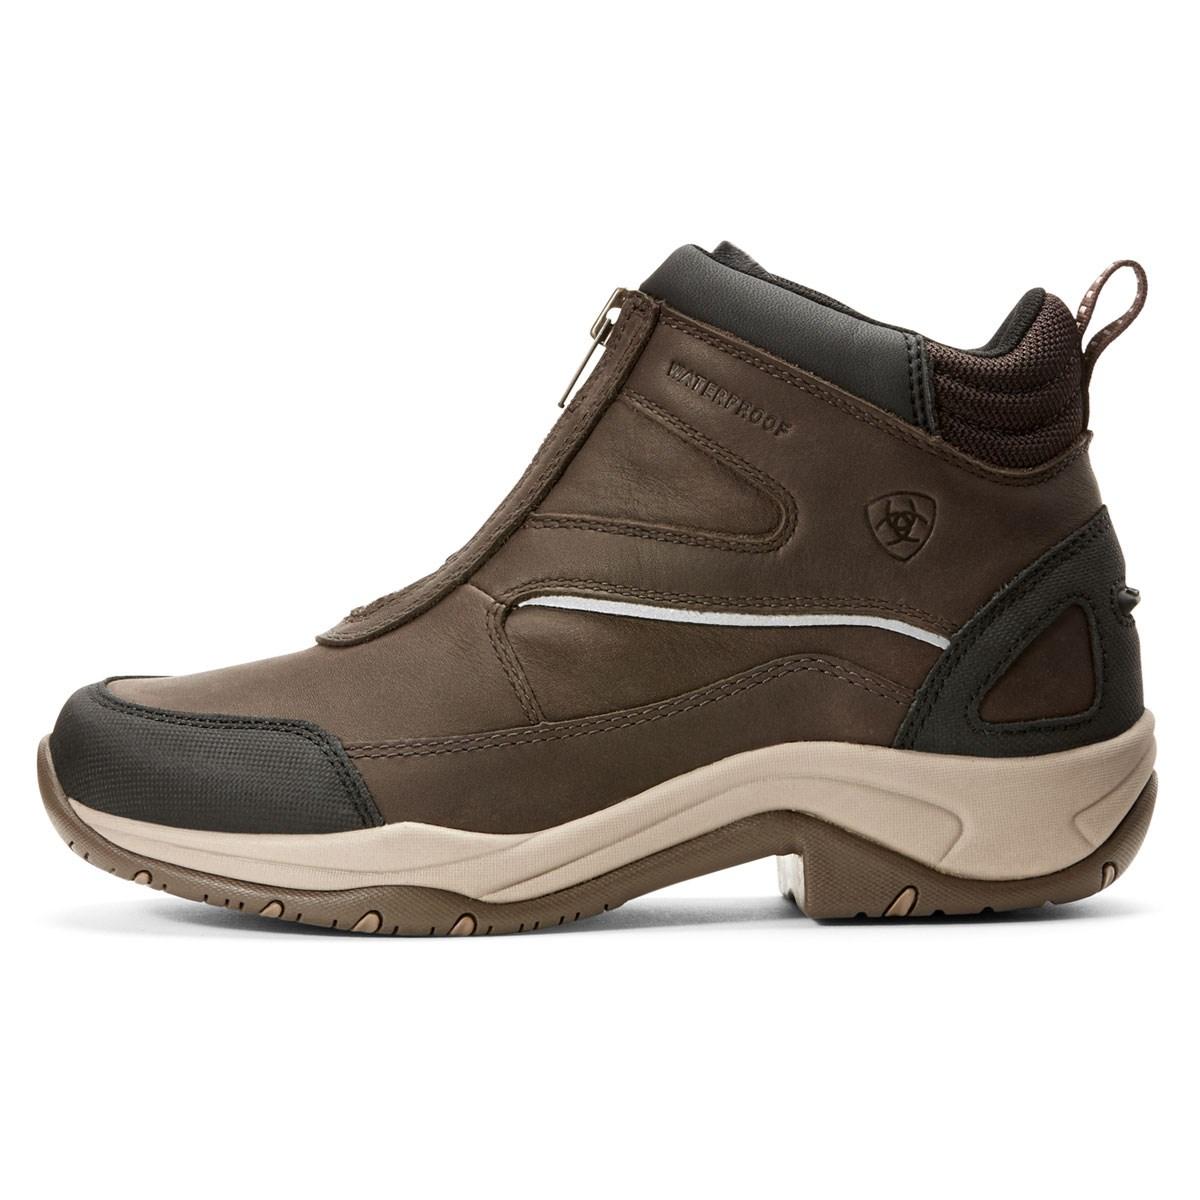 73fccd31d8a Ariat Telluride Zip H2O Ladies Boots - Dark Brown